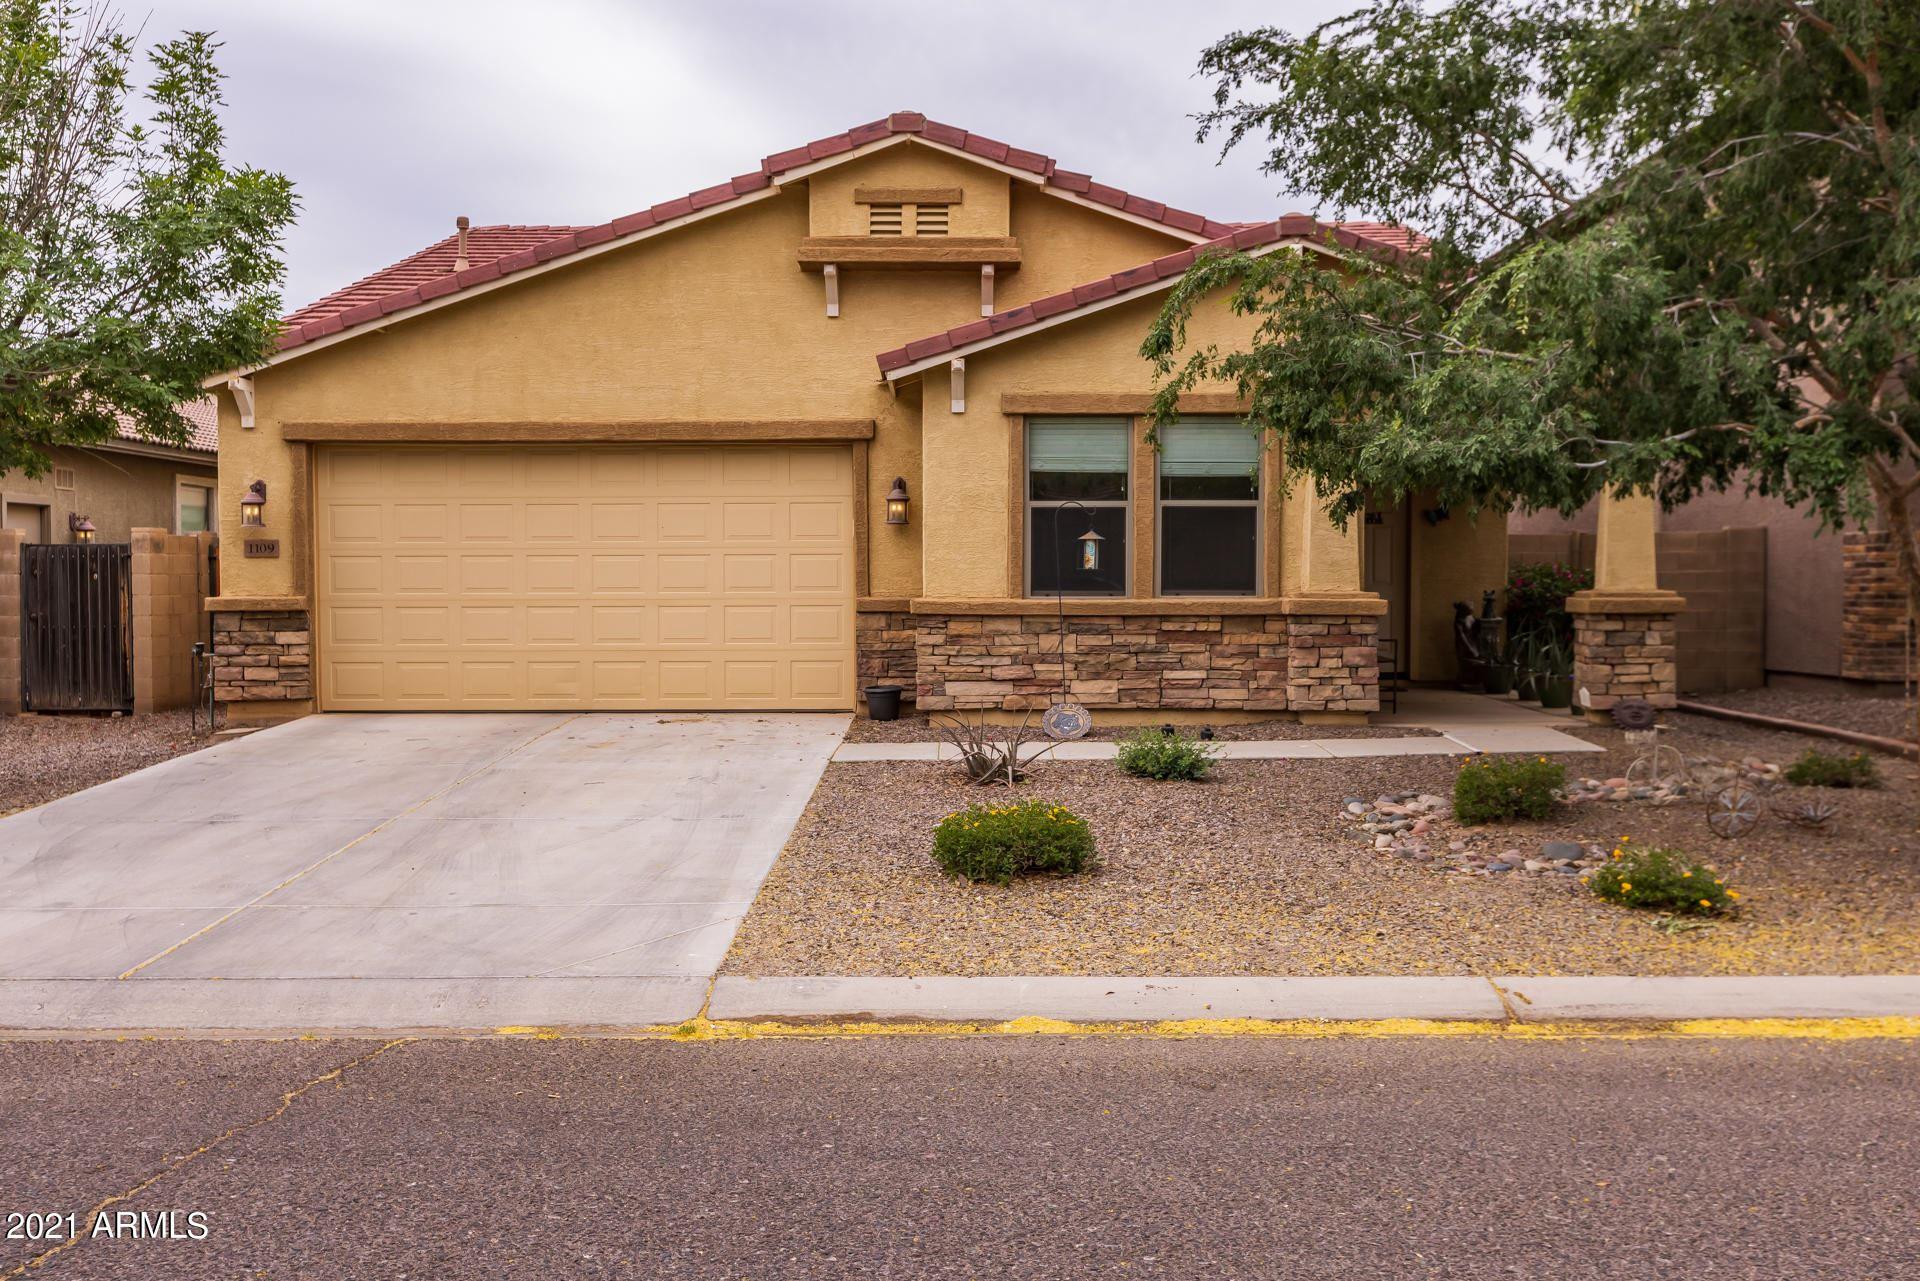 1109 E SADDLEBACK Place, San Tan Valley, AZ 85143 - MLS#: 6228678